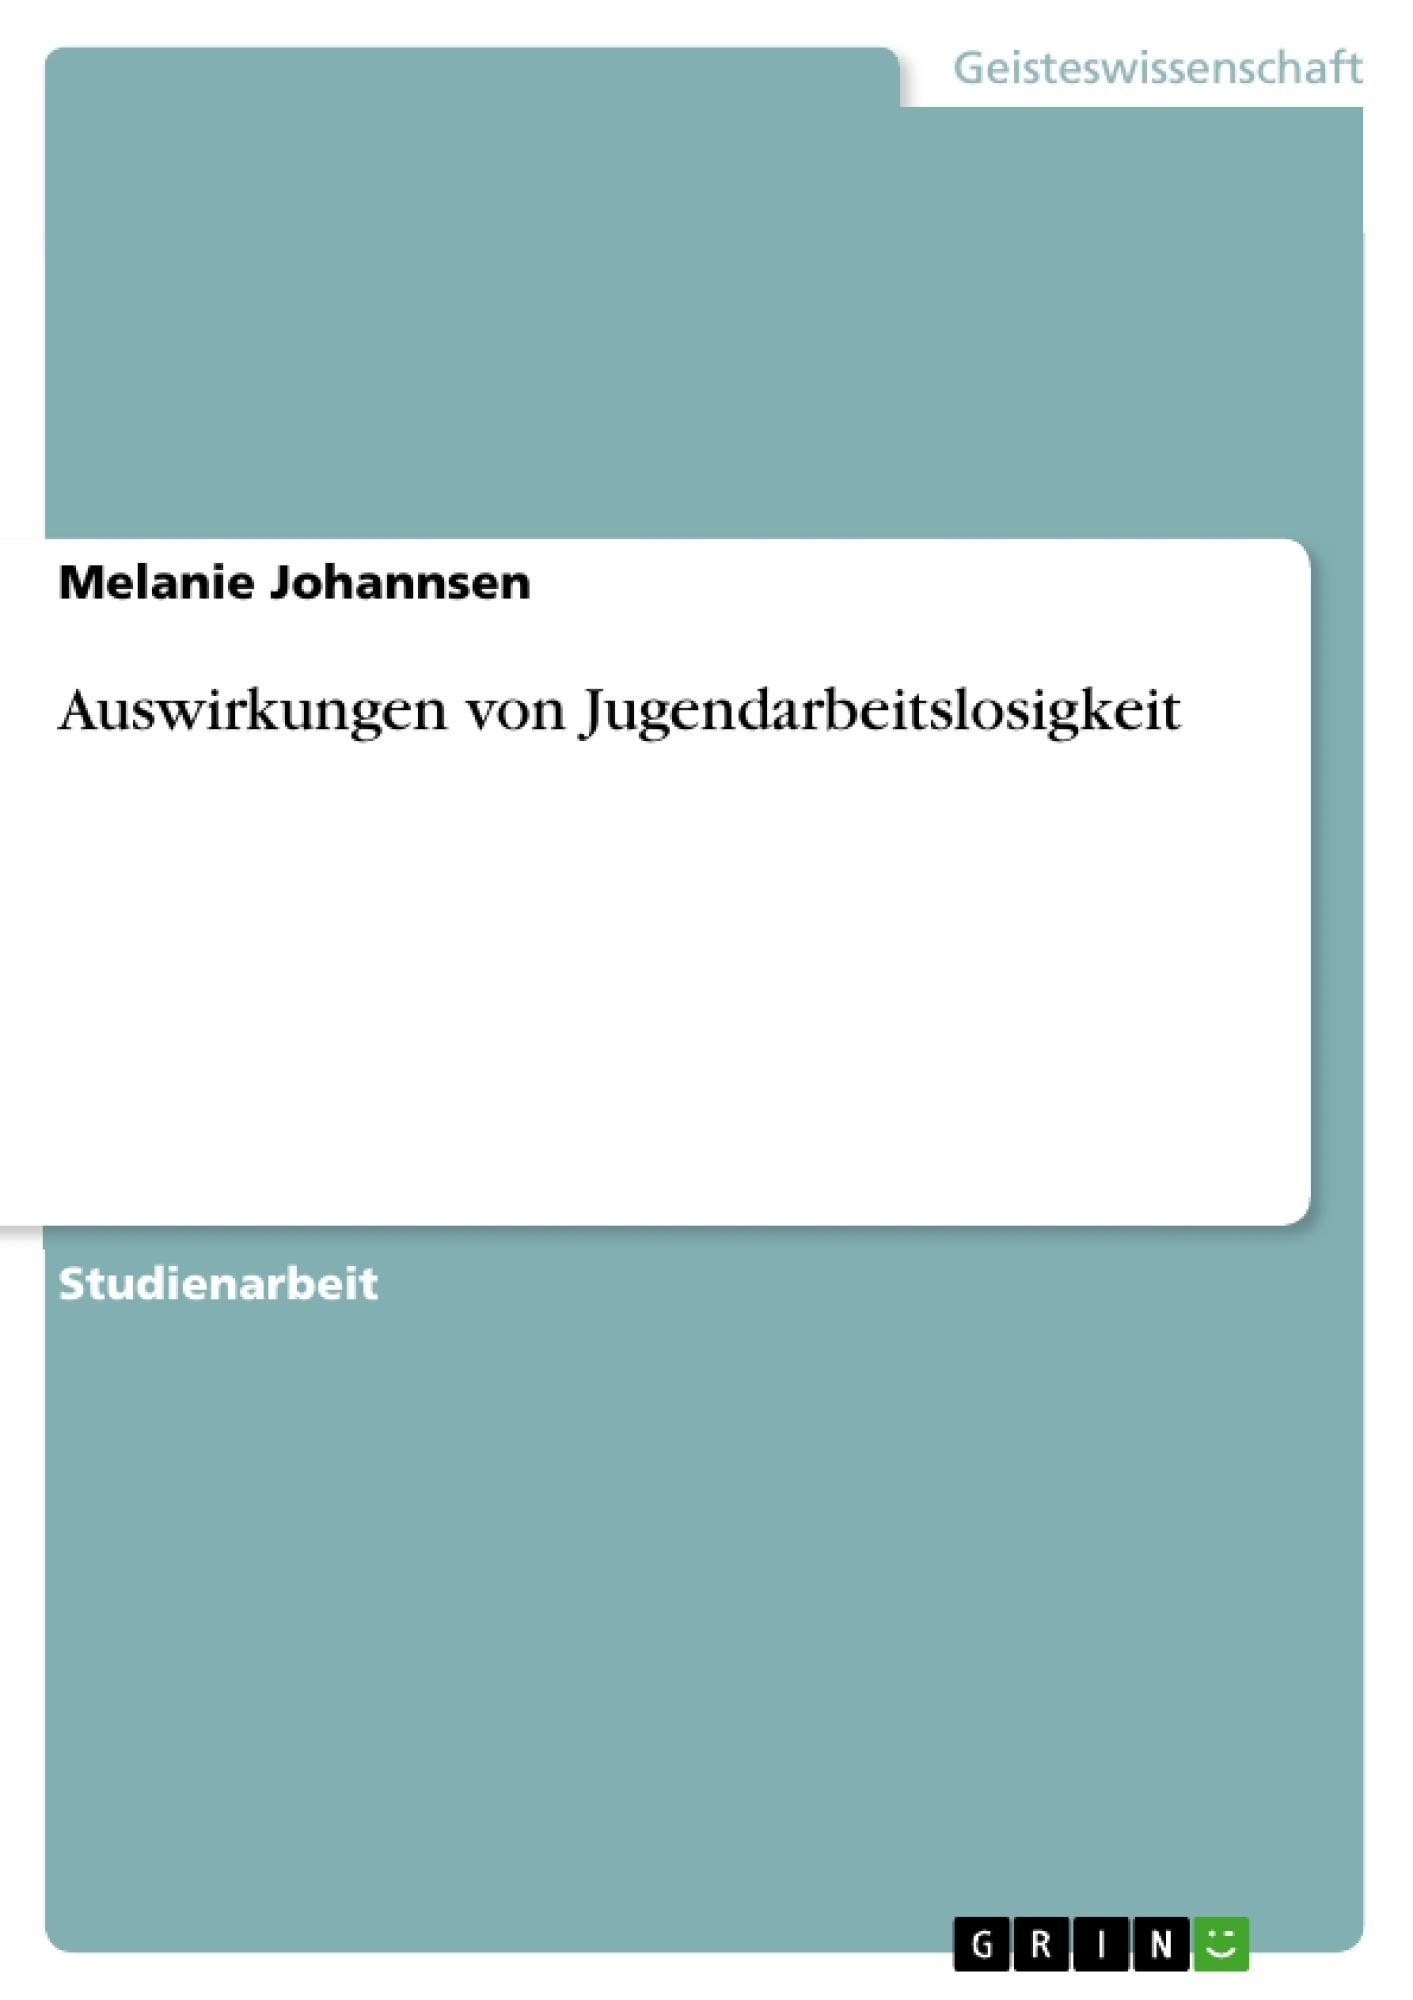 Titel: Auswirkungen von Jugendarbeitslosigkeit